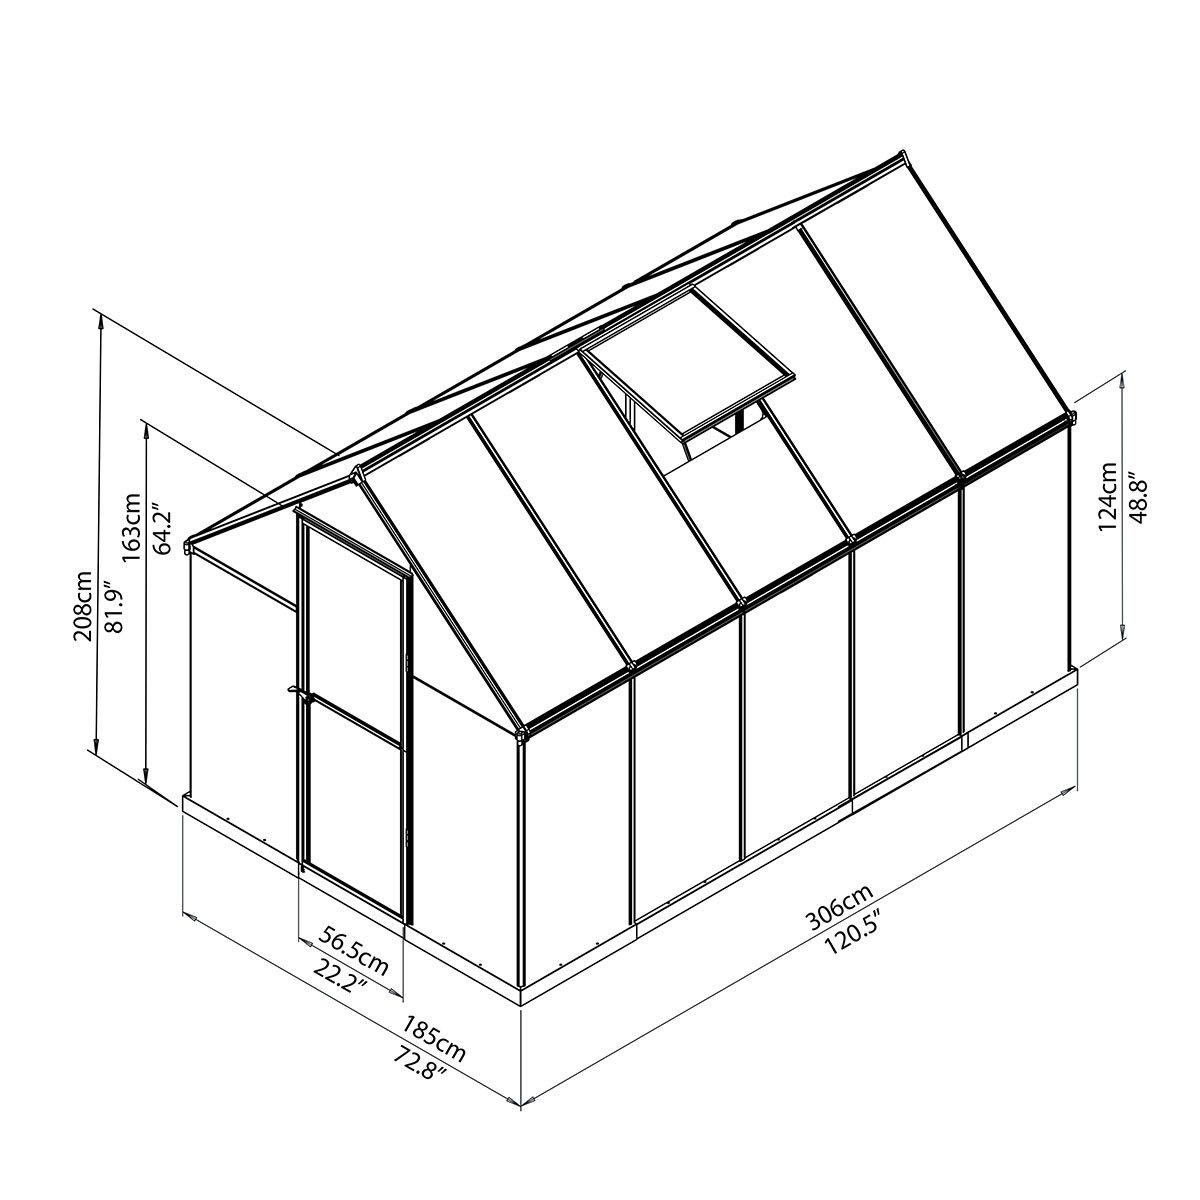 Gewächshaus Multi Line 6 x 10 mit Stahlfundament, 310 x 185 x 209 cm, Aluminium, silber | #8